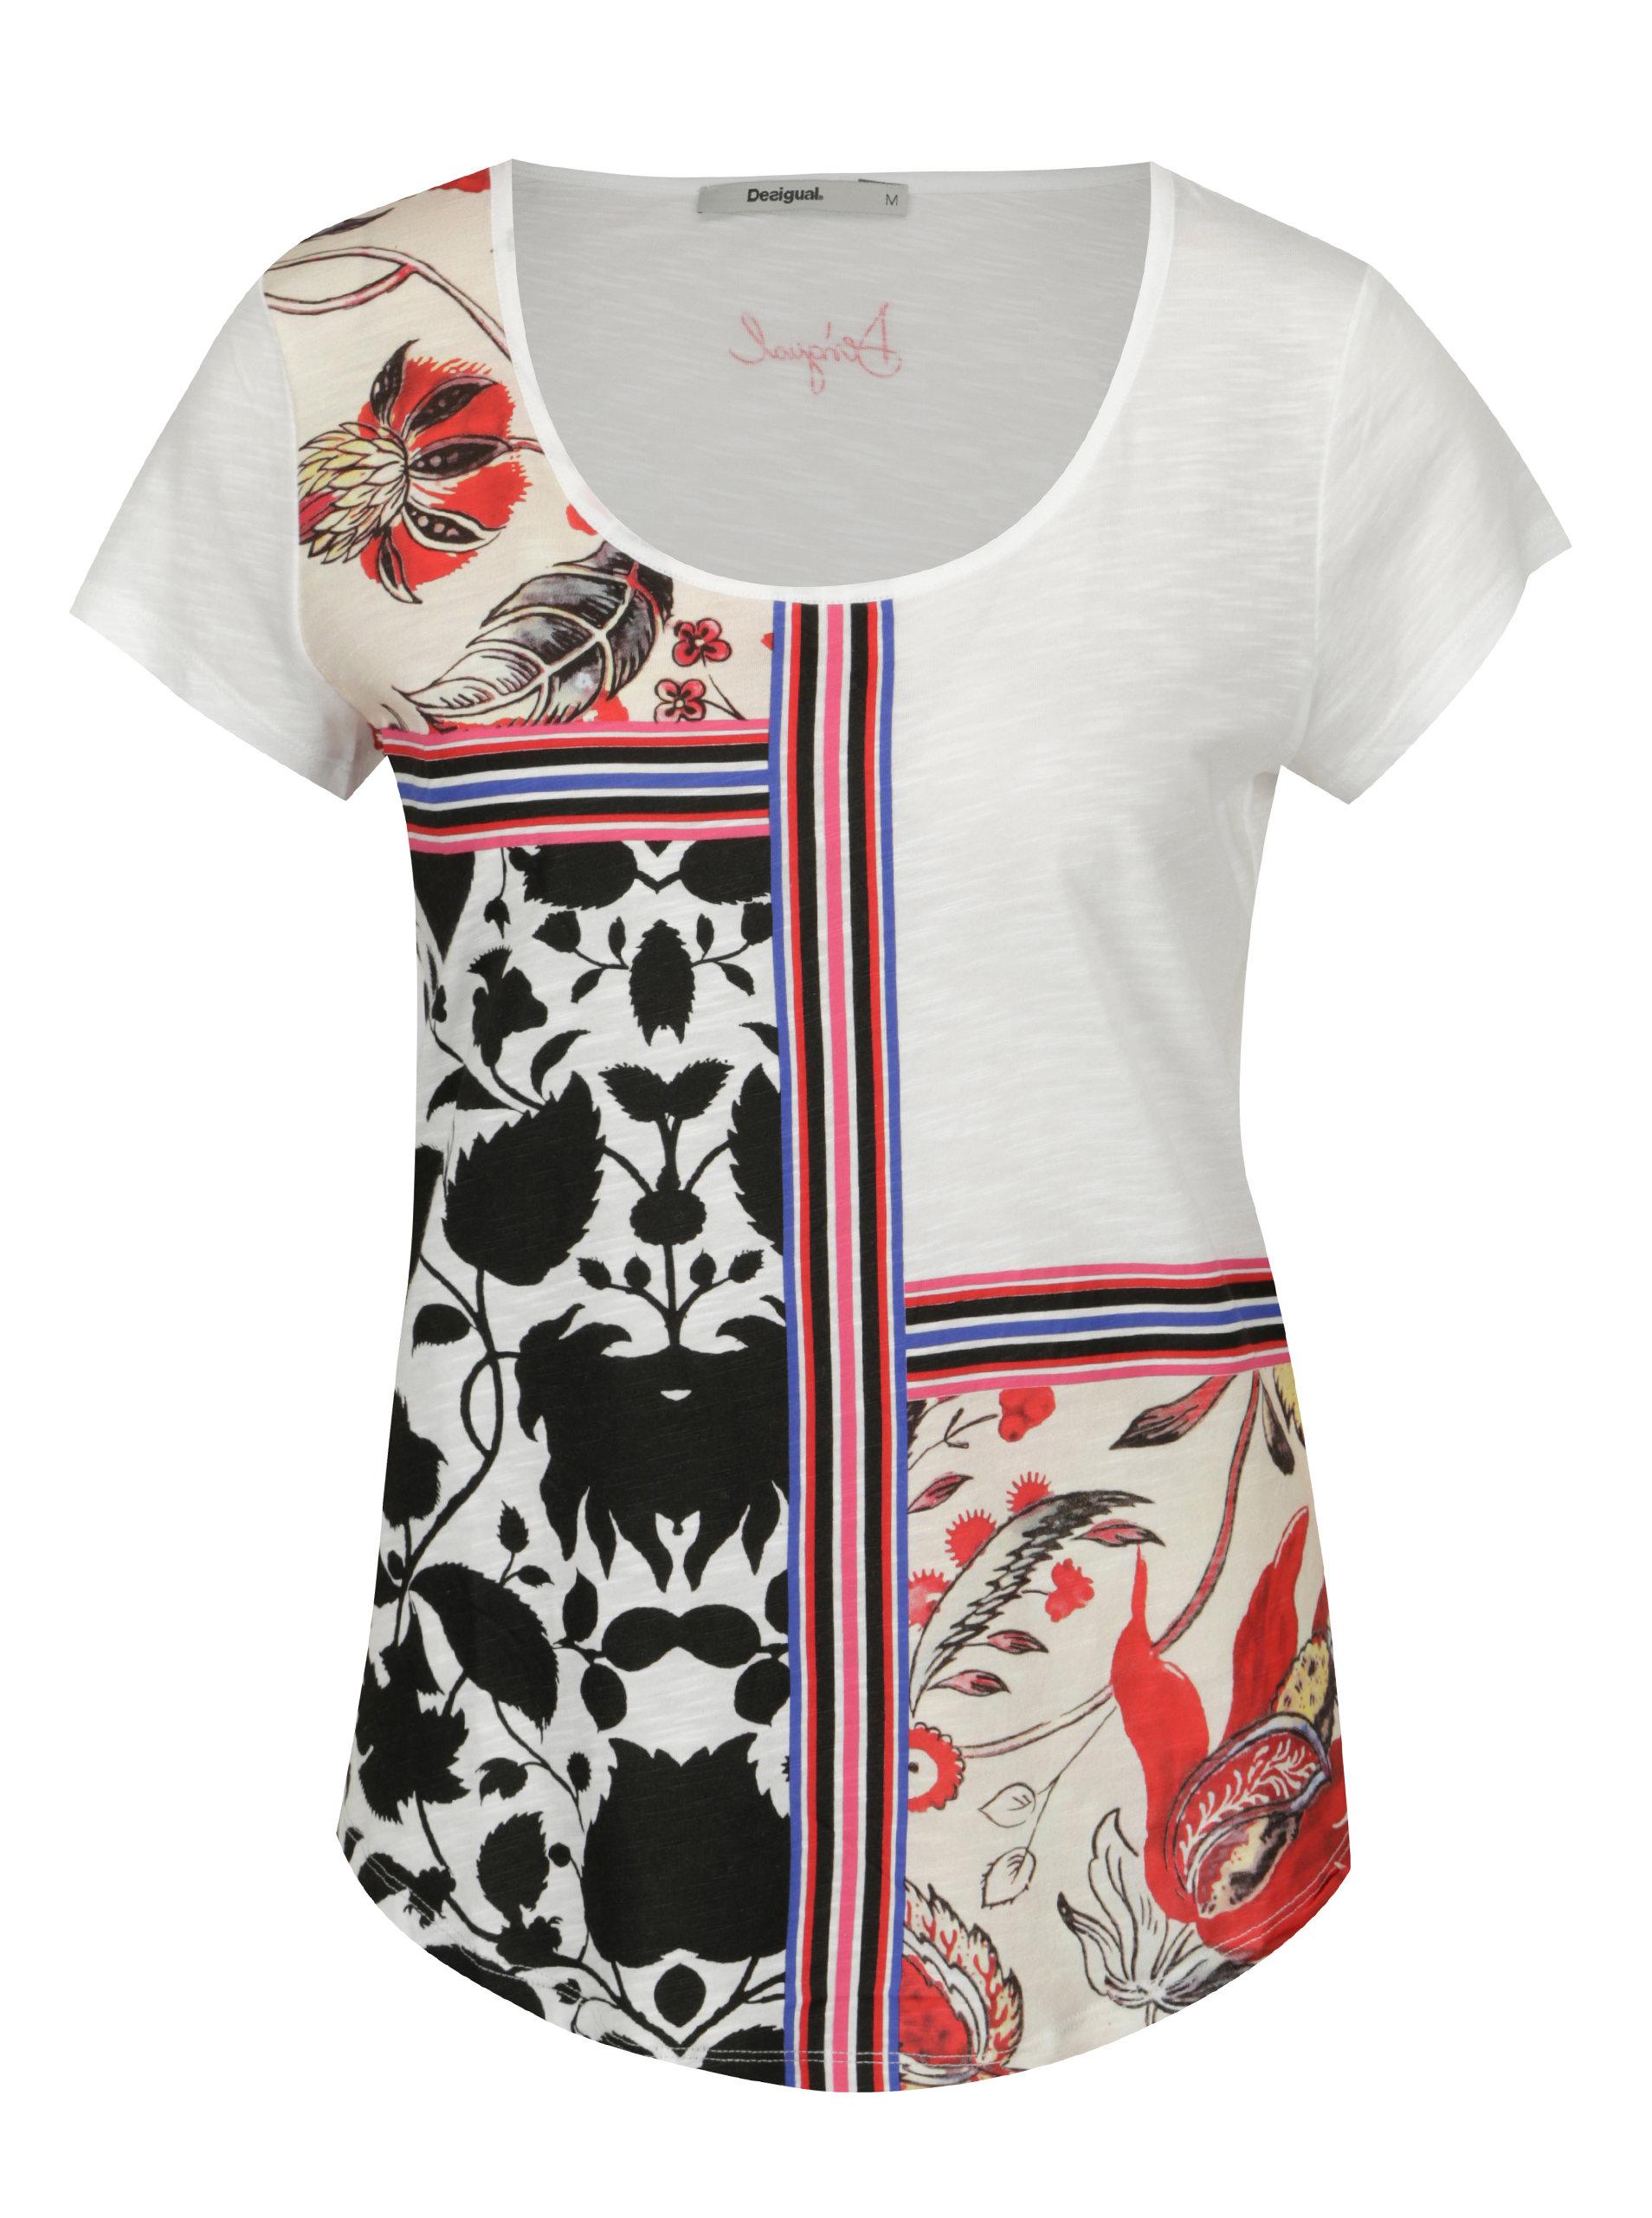 Biele vzorované tričko s krátkym rukávom Desigual Deo ... d8de7c97bd2